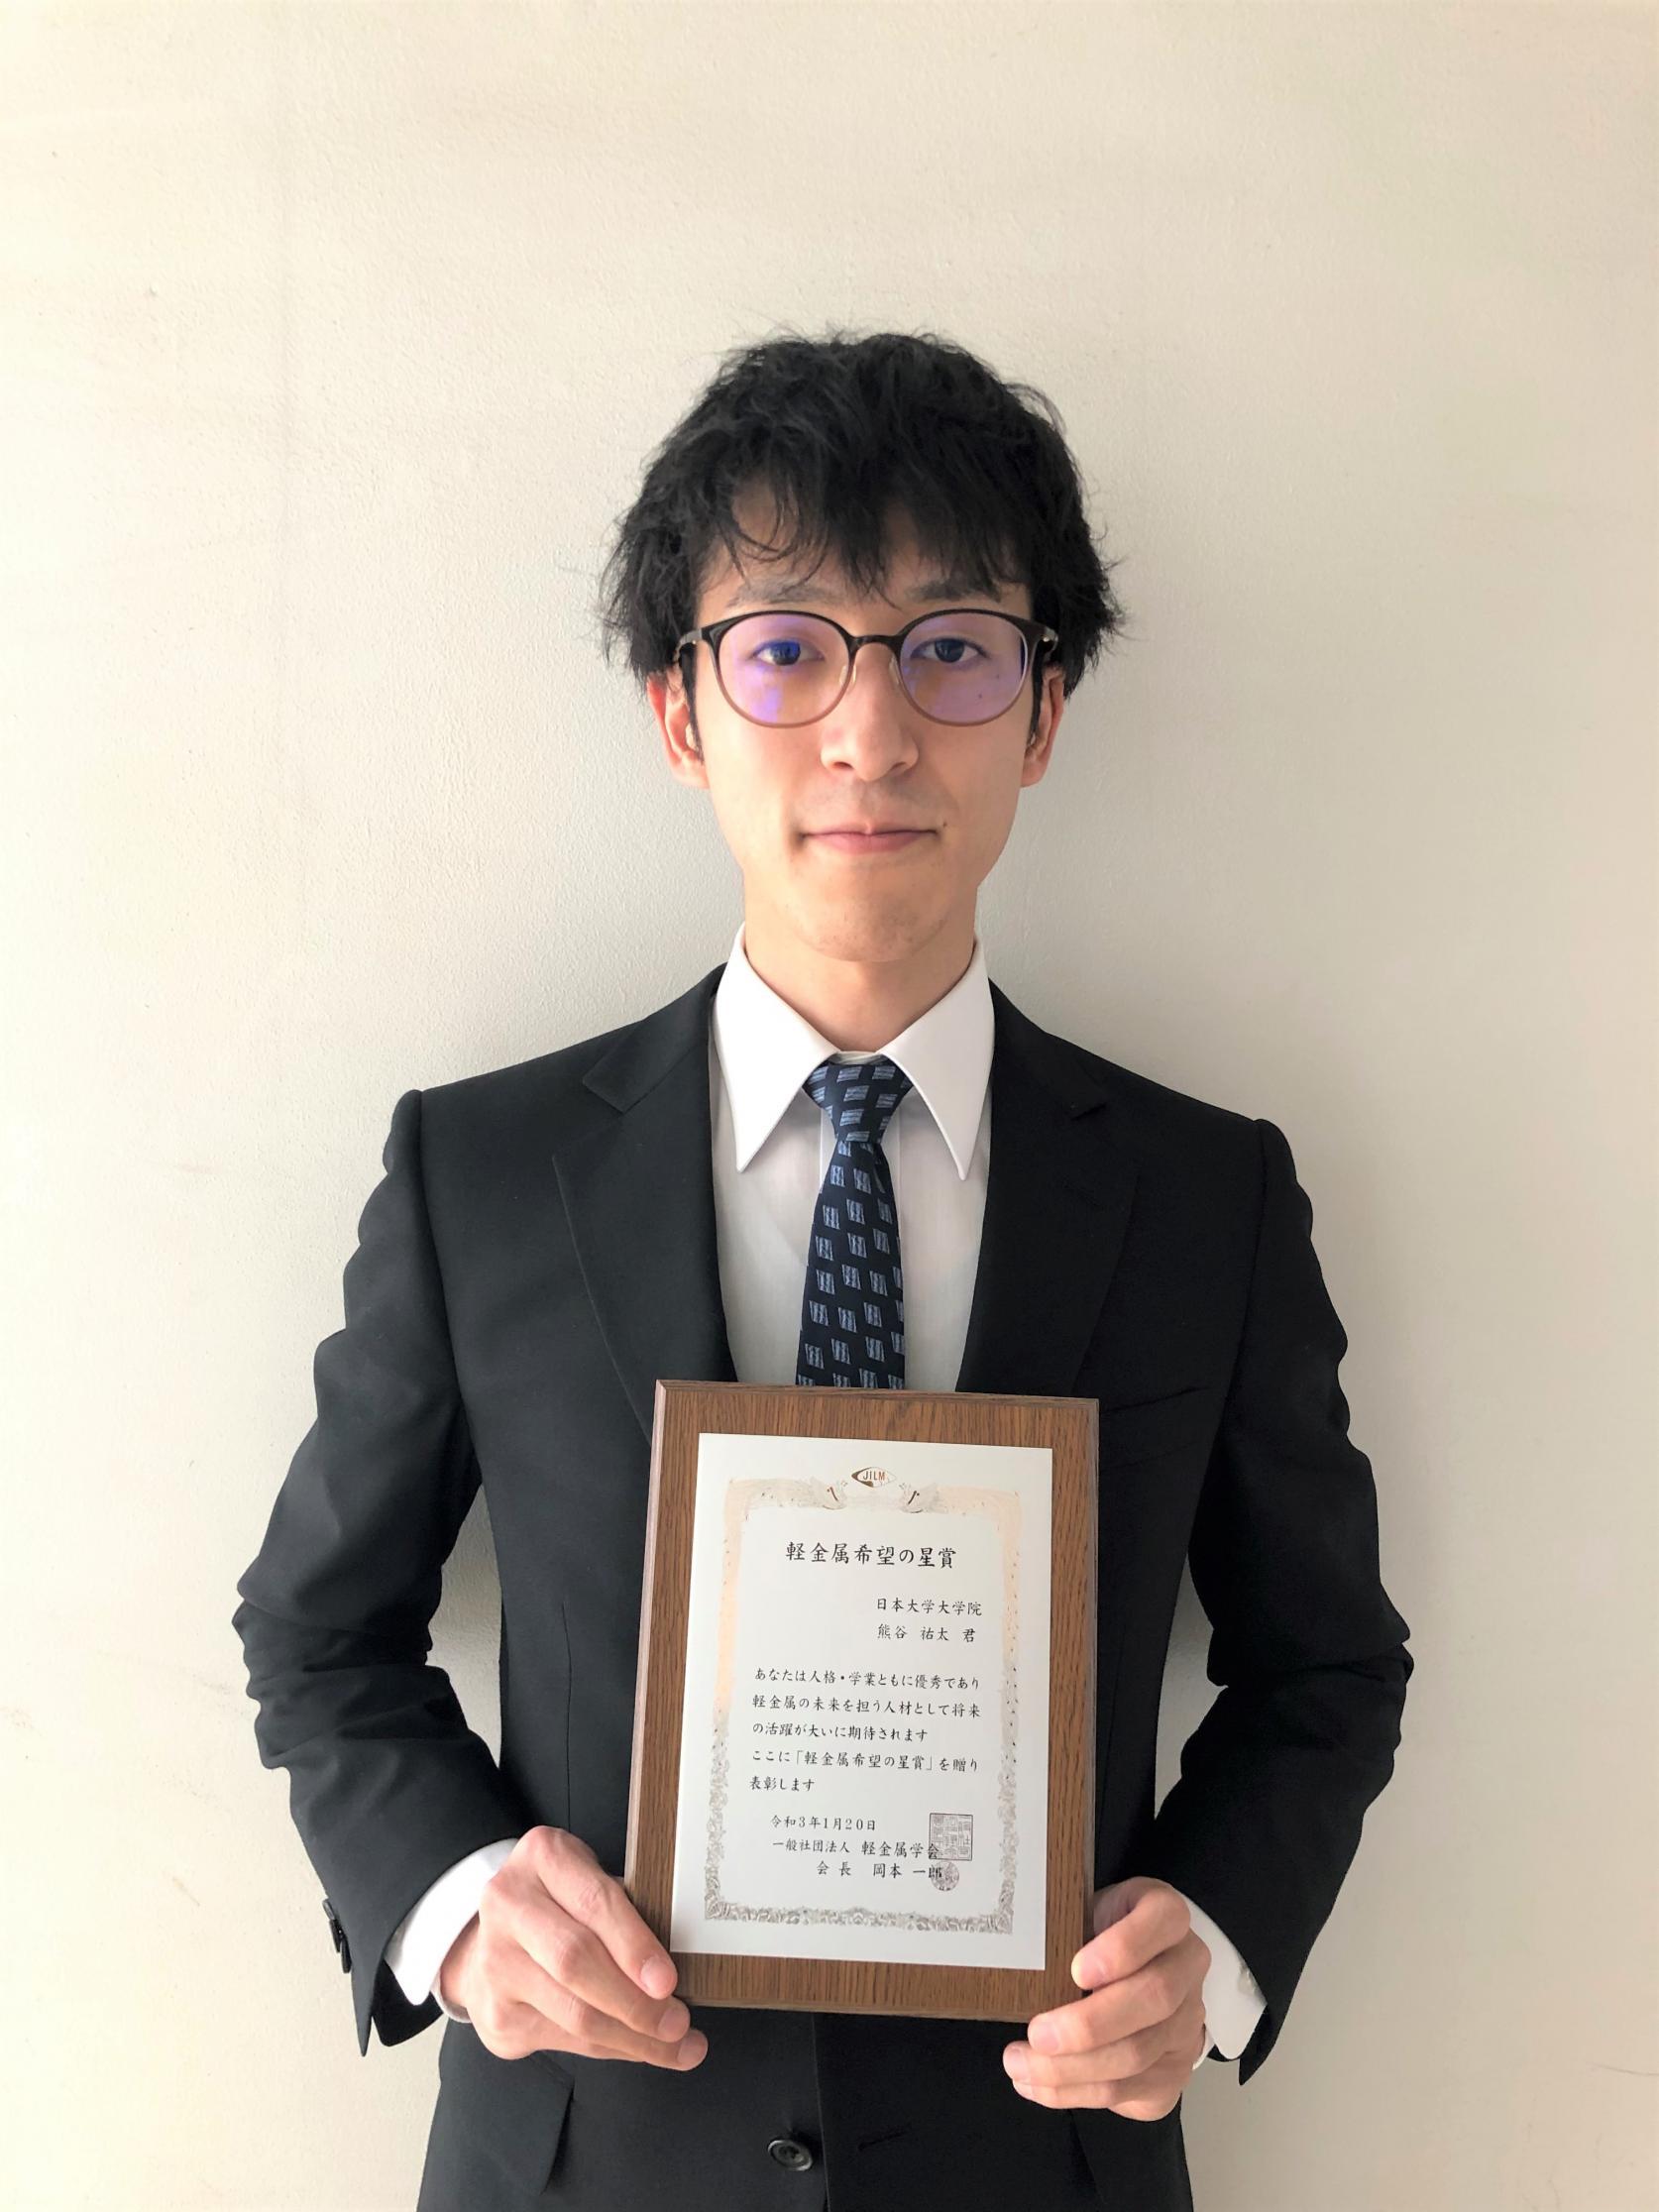 精密機械工学専攻2年の熊谷祐太さんが、軽金属学会において「軽金属希望の星賞」を受賞しました。